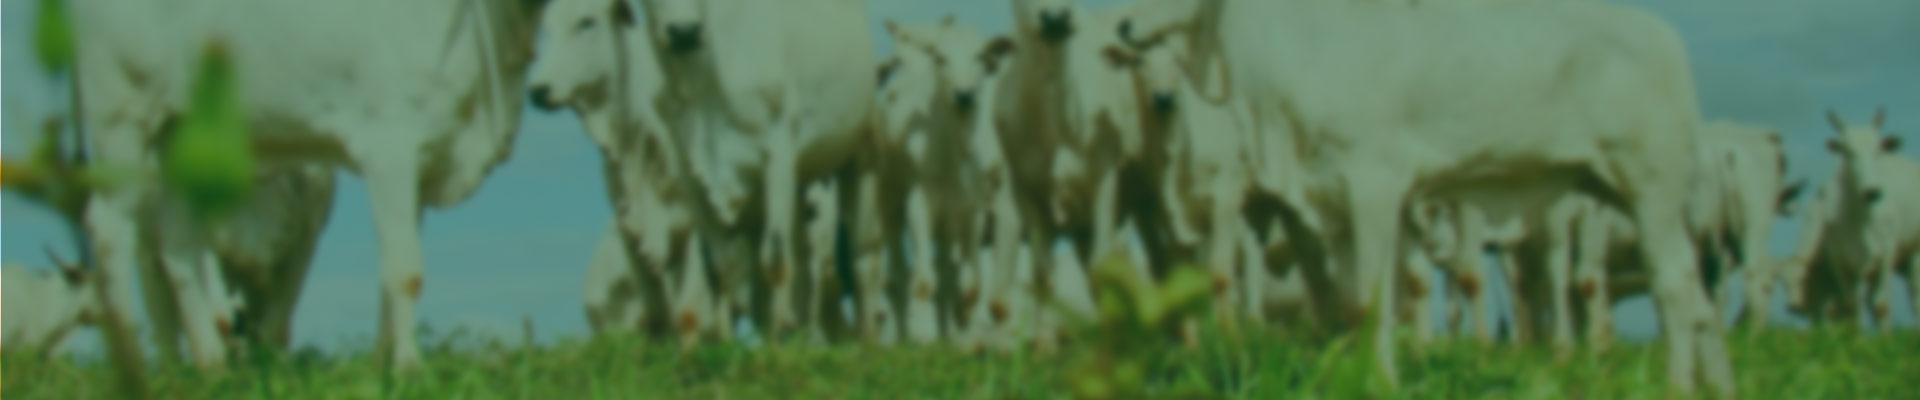 Conheça também a linha fosfatada da Mineirão Sementes para uso na pecuária. Com a linha fosfatada, sua pastagem pode obter excelentes resultados! Somos os pioneiros no Brasil a implementar essa tecnologia para que você garanta mais economia e segurança em seu plantio.